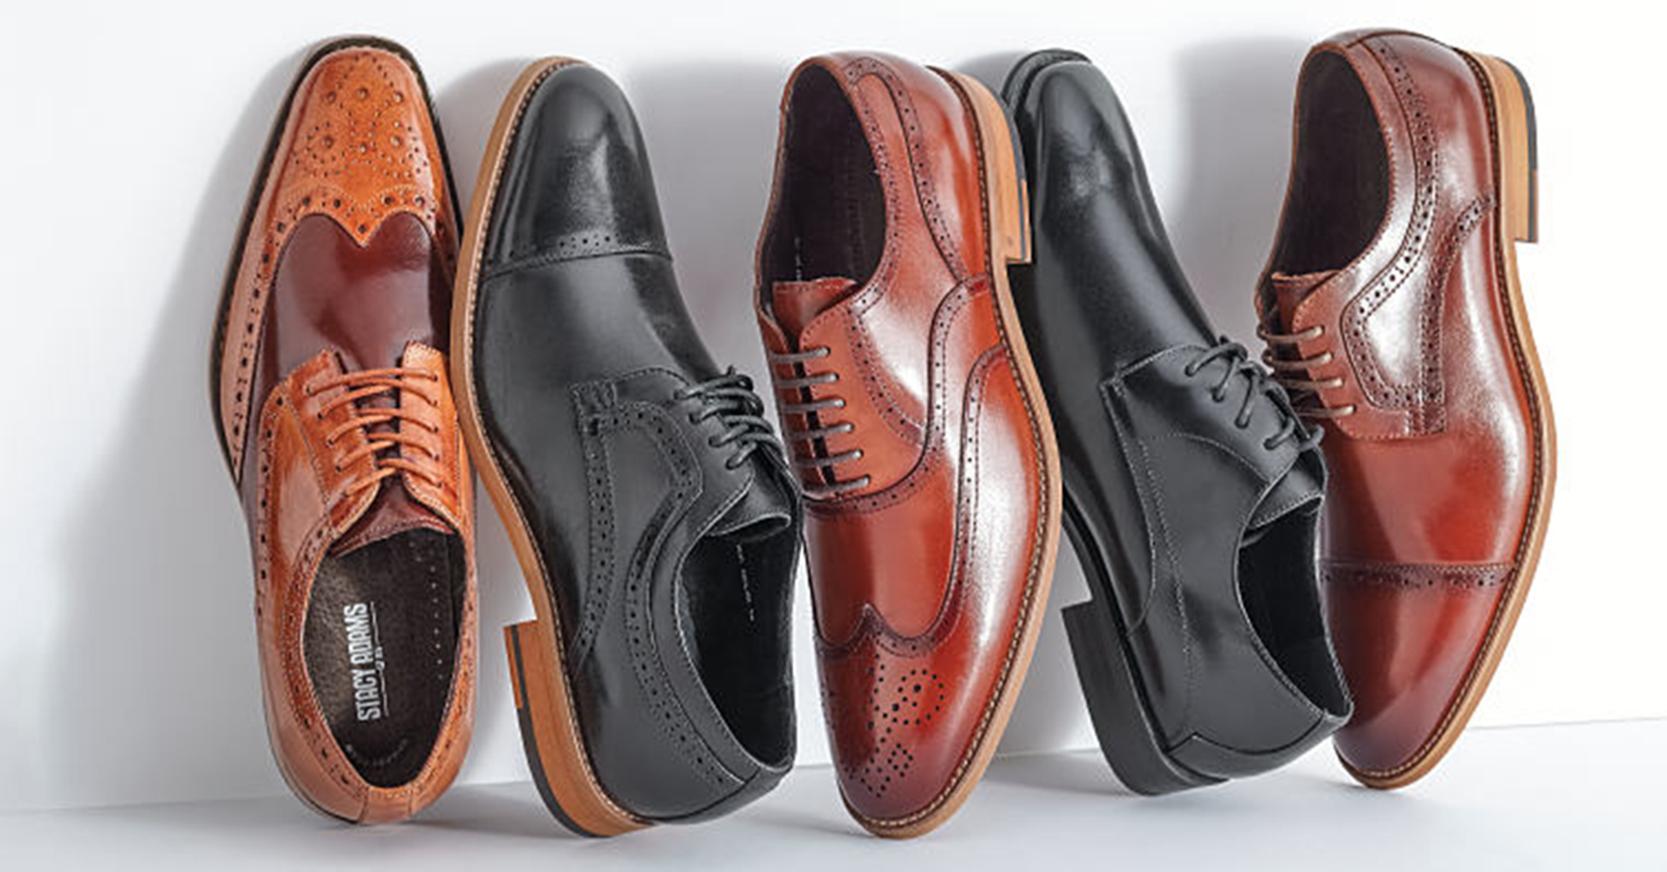 Yếu tố quyết định chất lượng một đôi giày tốt